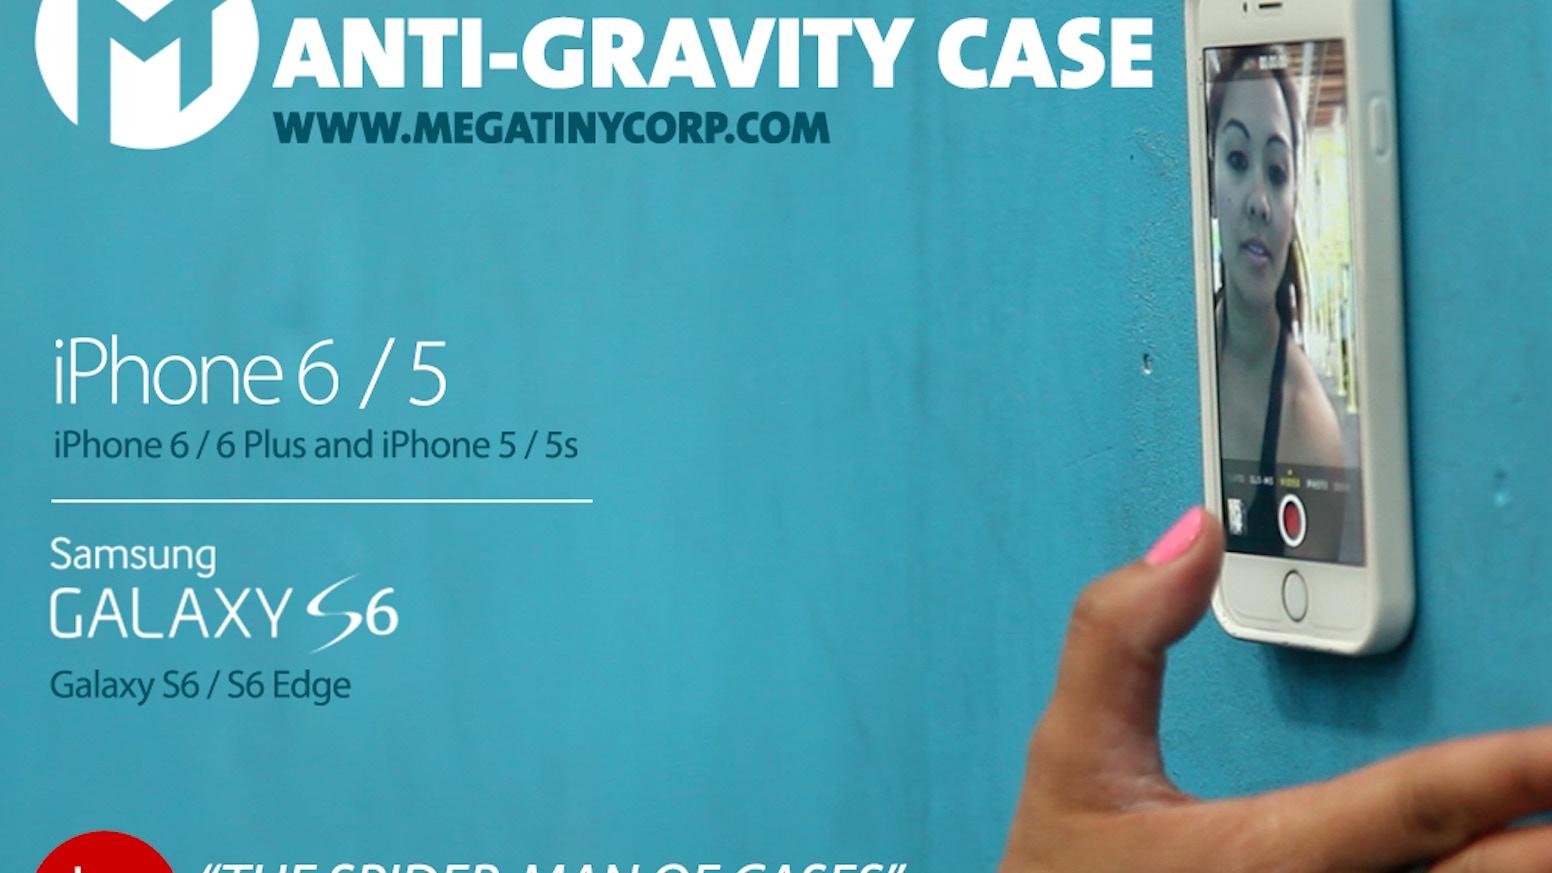 mega tiny anti gravity case review